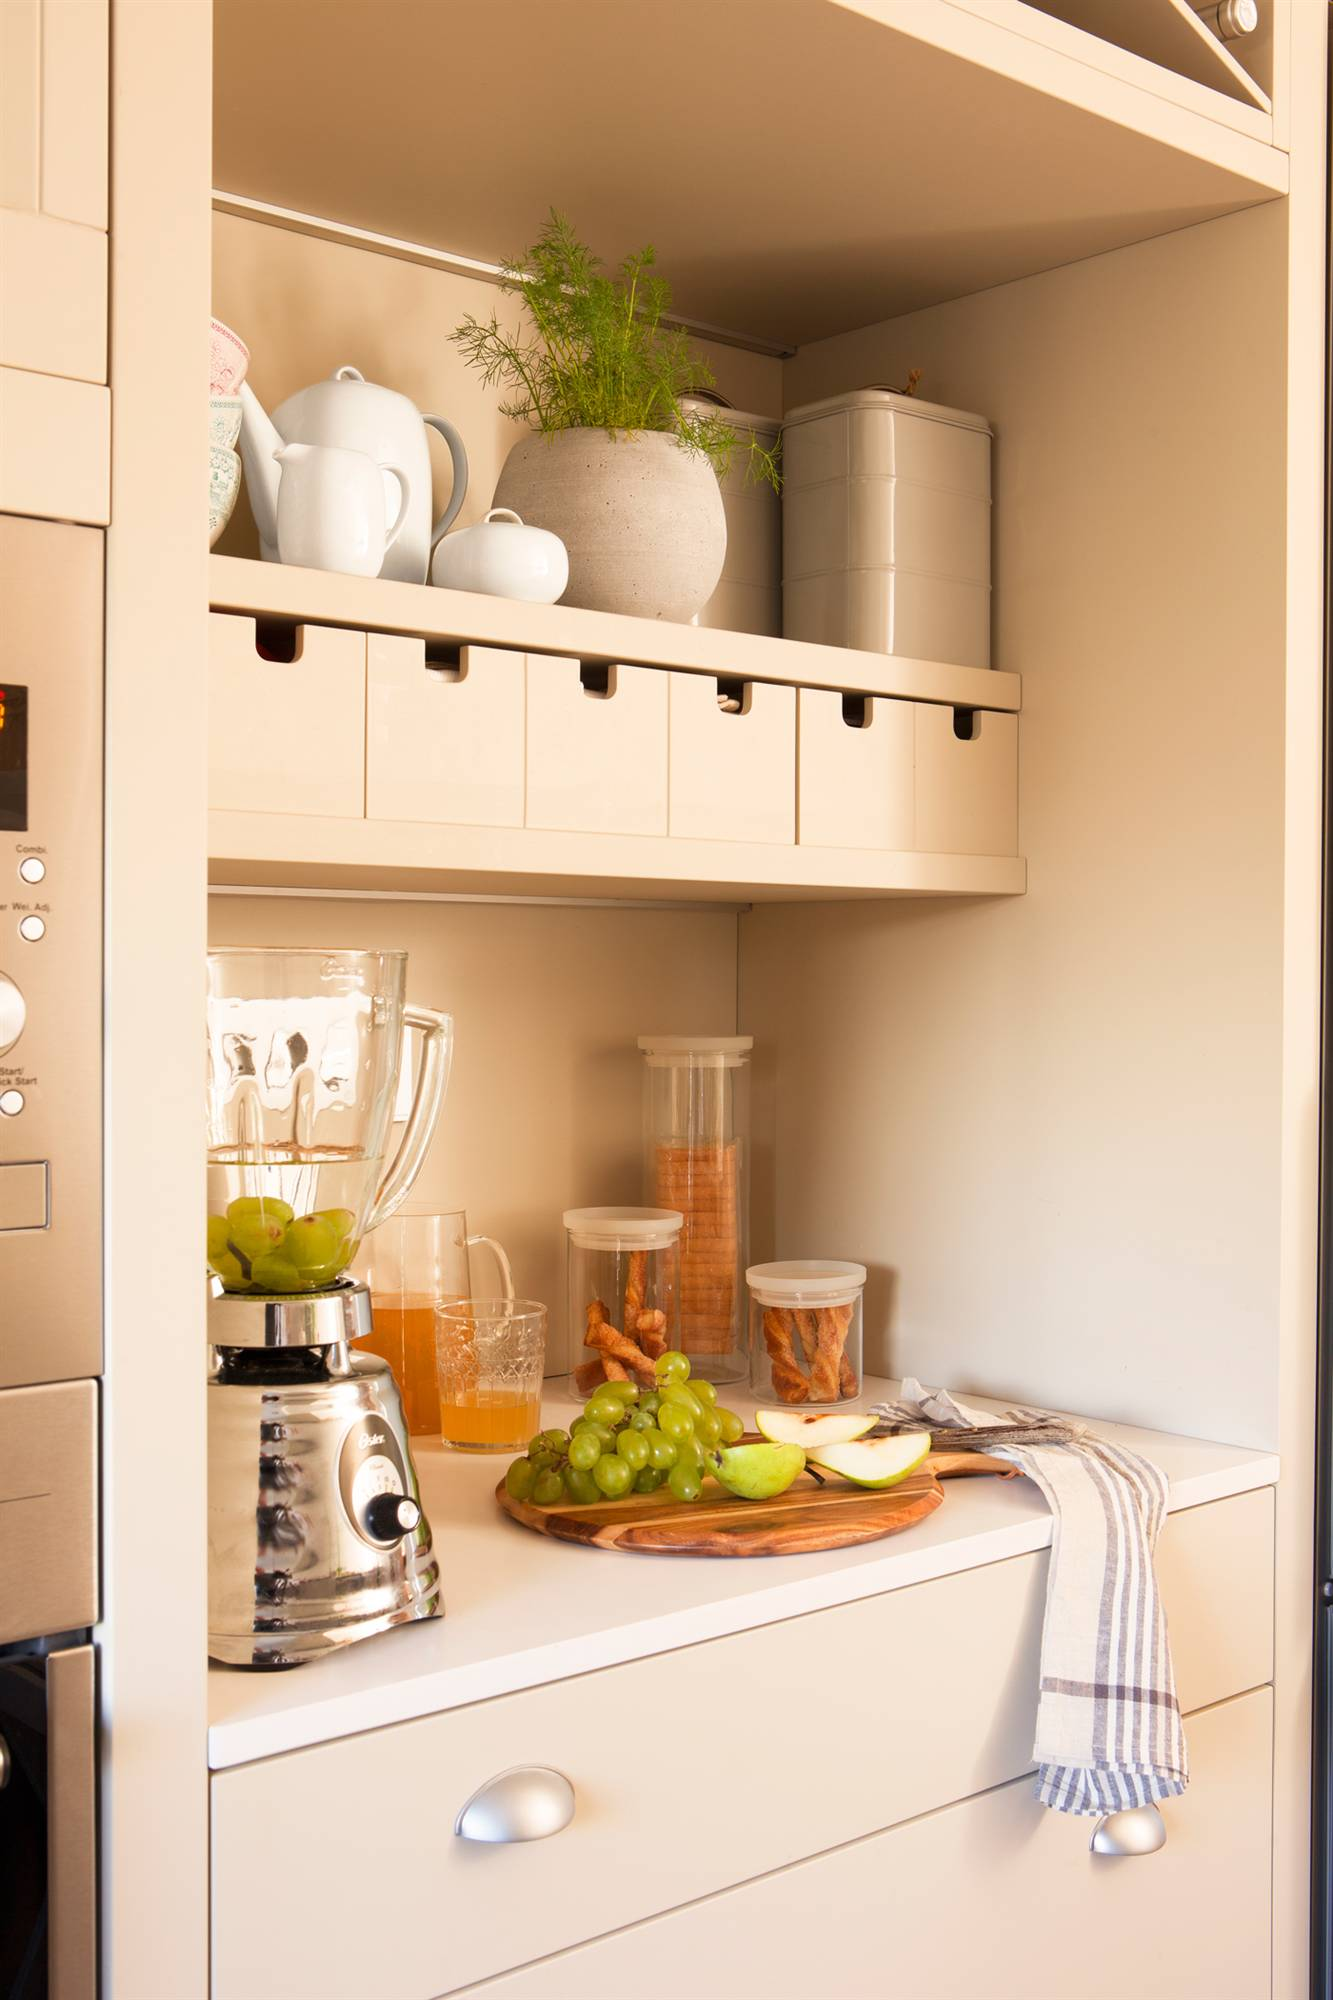 Una cocina peque a con mucho orden y un office for Modelos de muebles de cocina para espacios pequenos